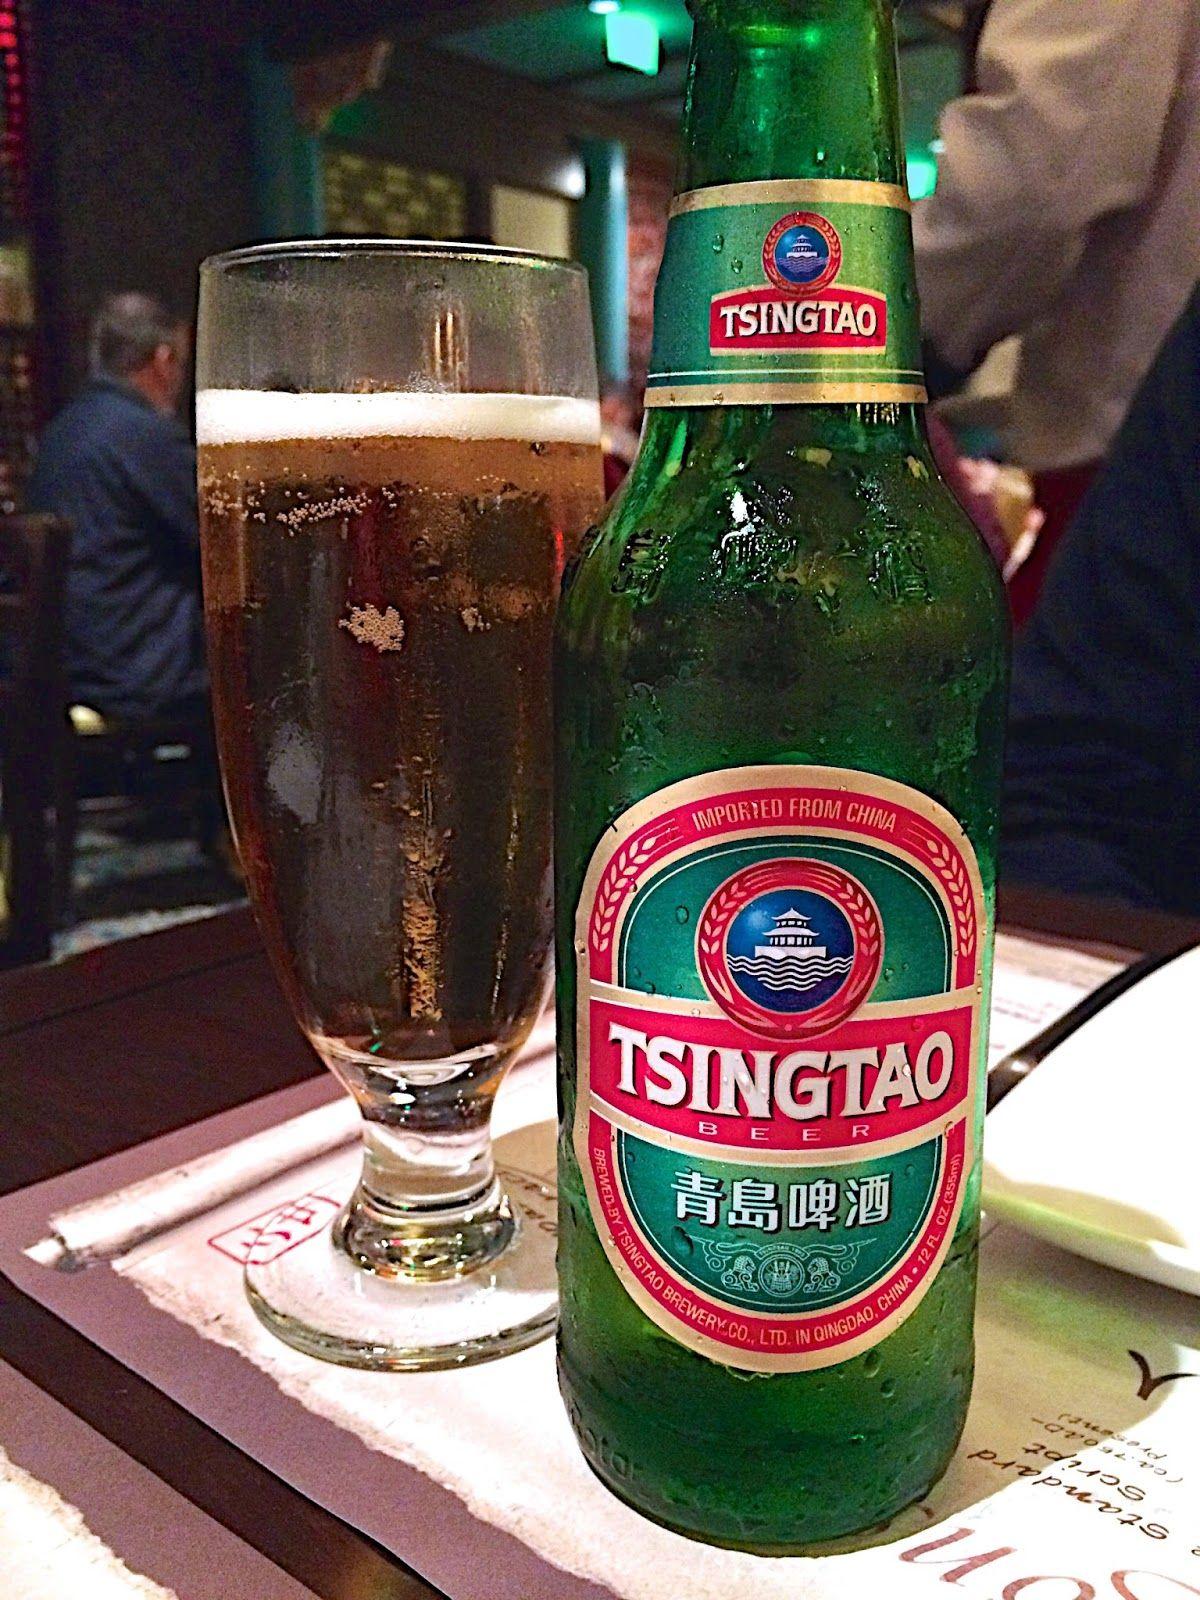 beer_brands_india_under_rs_200_tsingtao_image